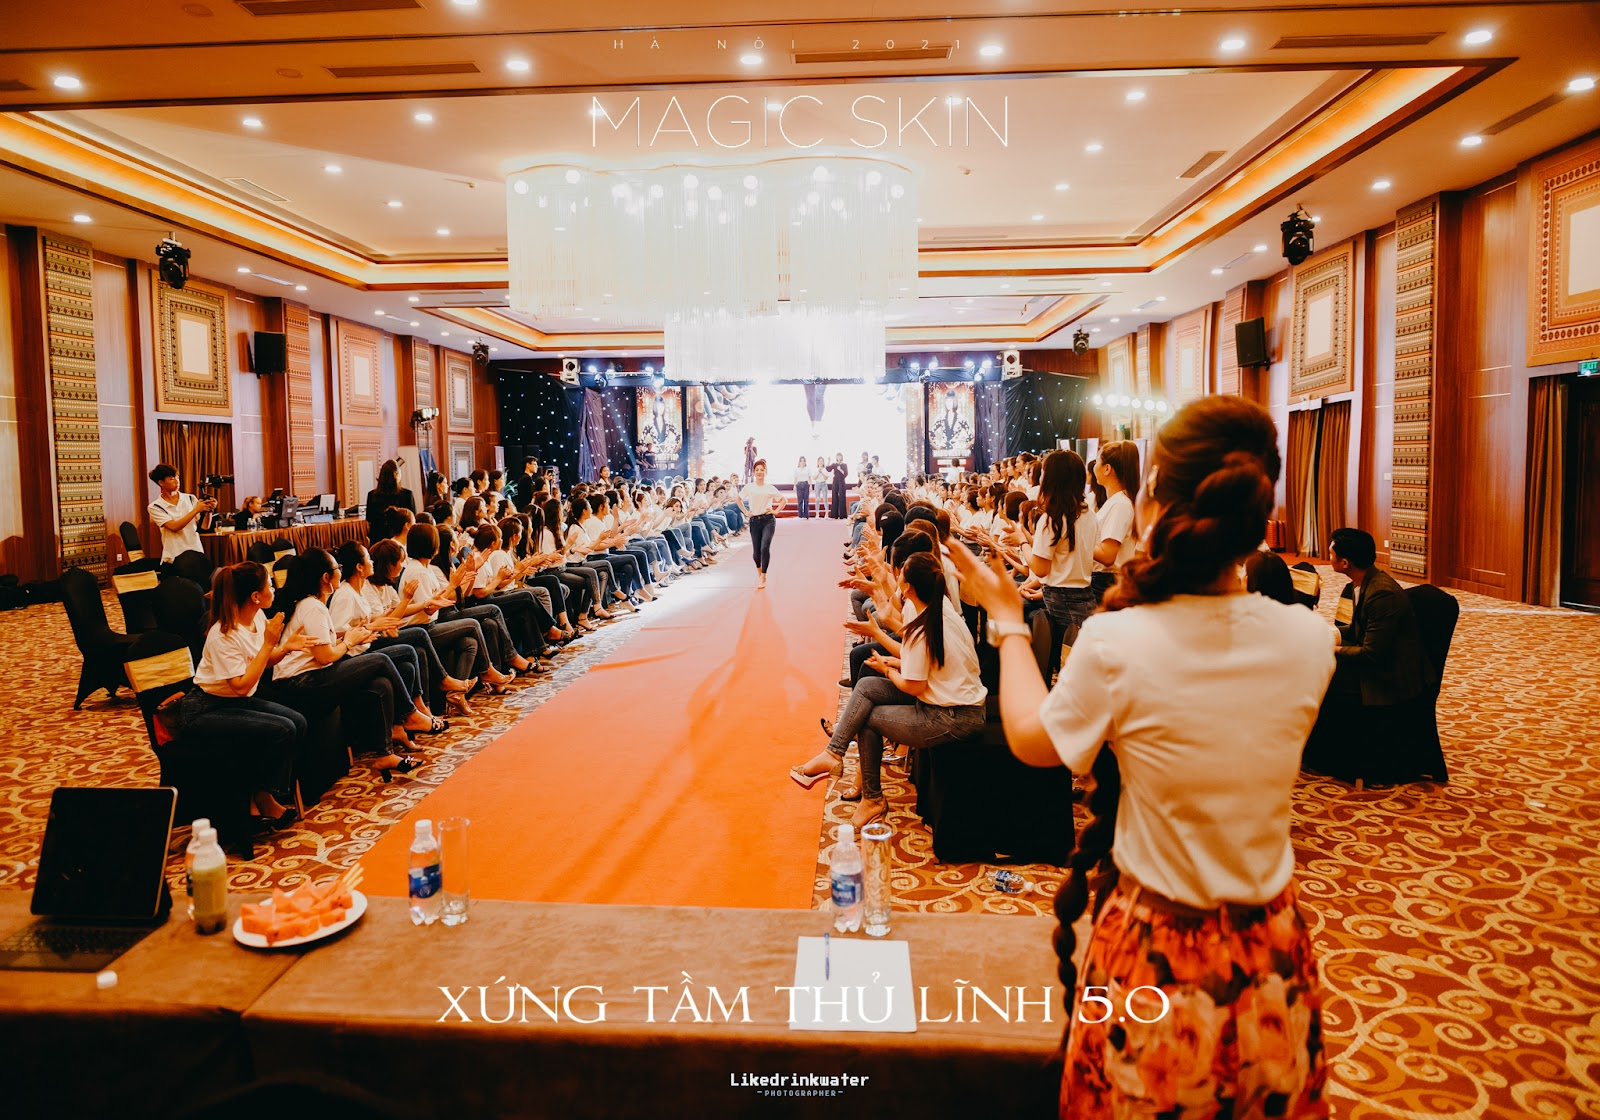 Trở thành thủ lĩnh xứng tầm cùng nữ diễn giả trẻ tuổi Đào Minh Châu trong khóa đào tạo đẳng cấp Xứng tầm thủ lĩnh 5.0 - Ảnh 6